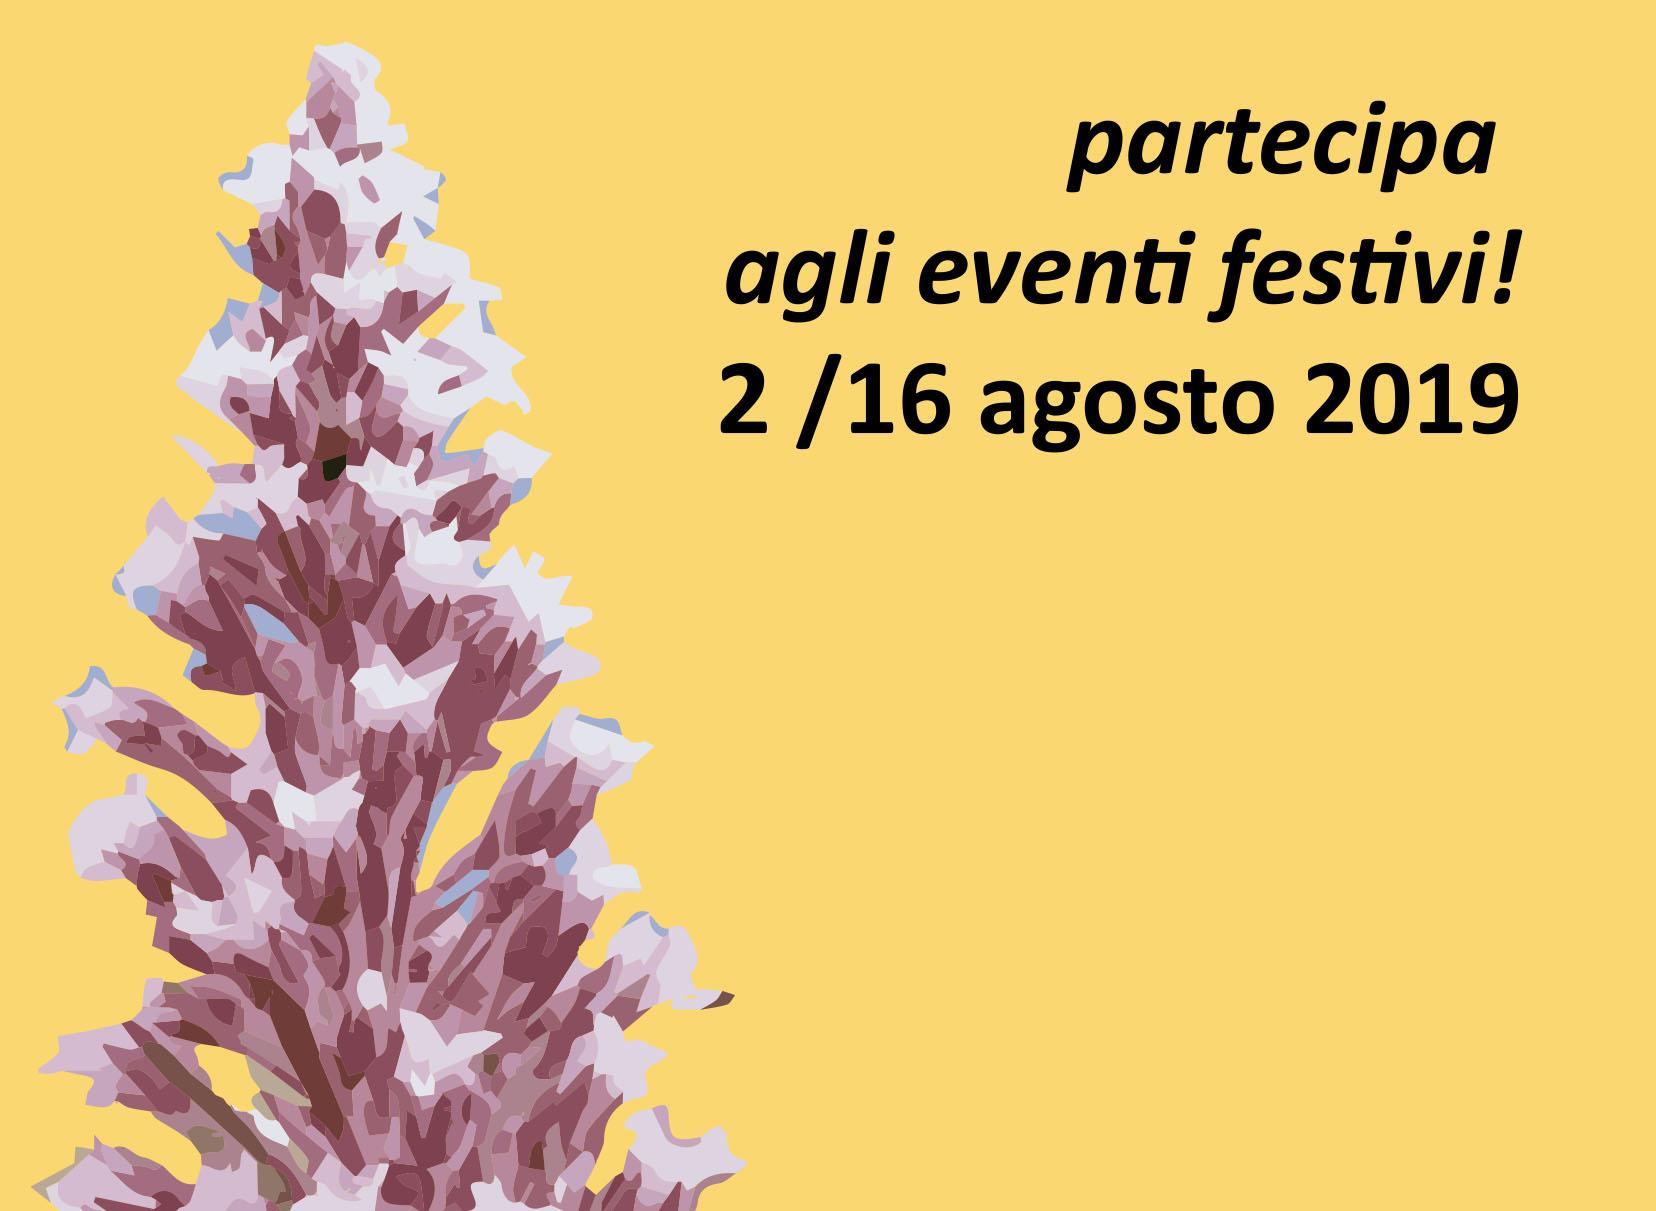 2-16 agosto: 5 grandi eventi di teatro, festa, balli, cibo e incontro